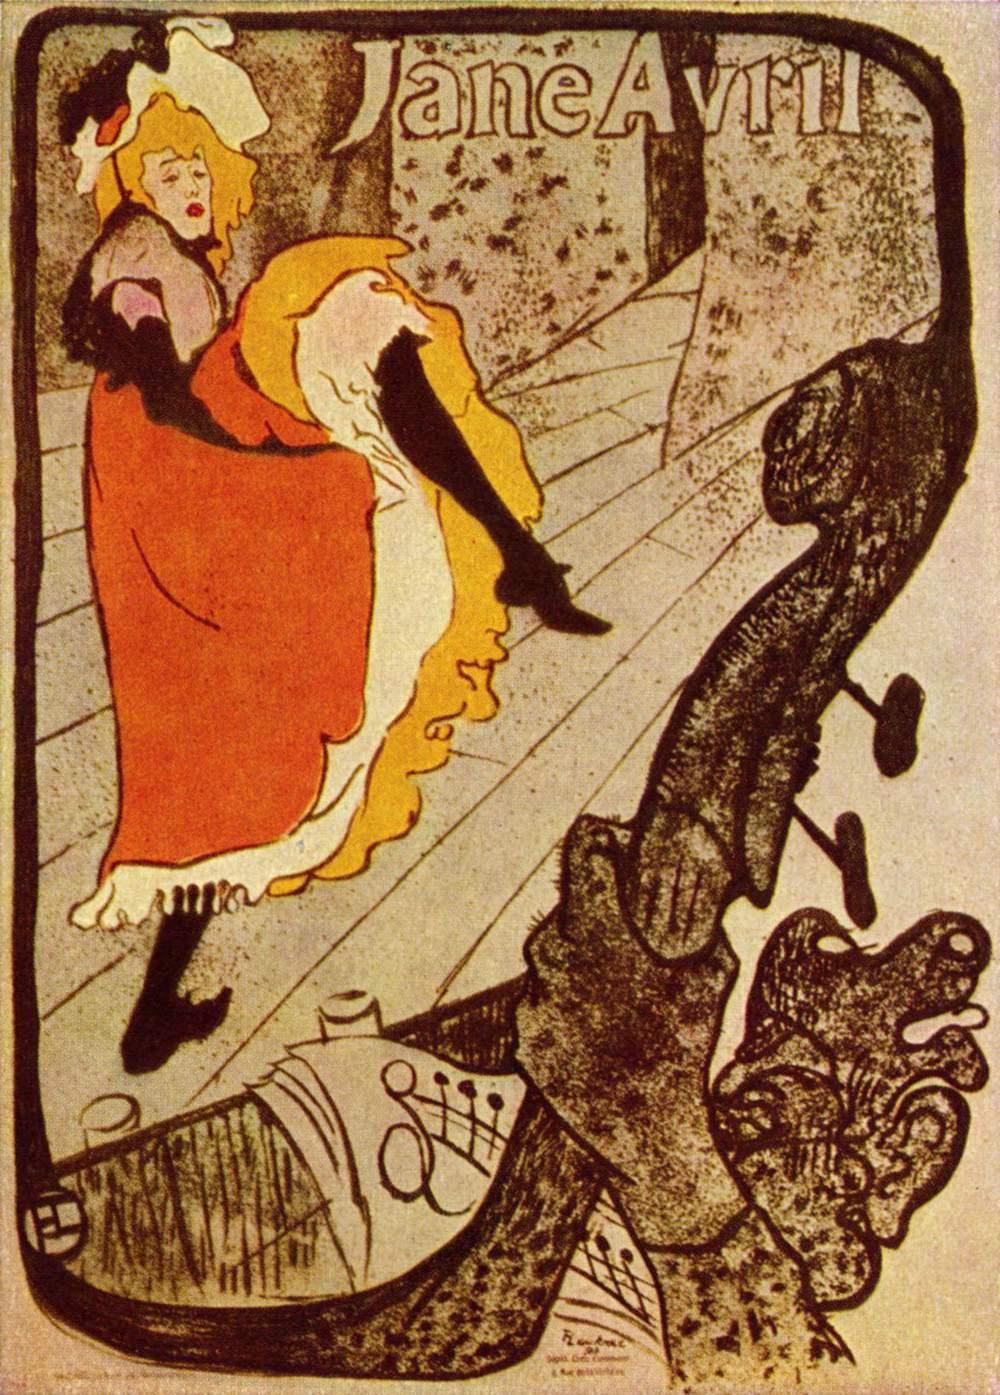 jane-avril-1893.jpg